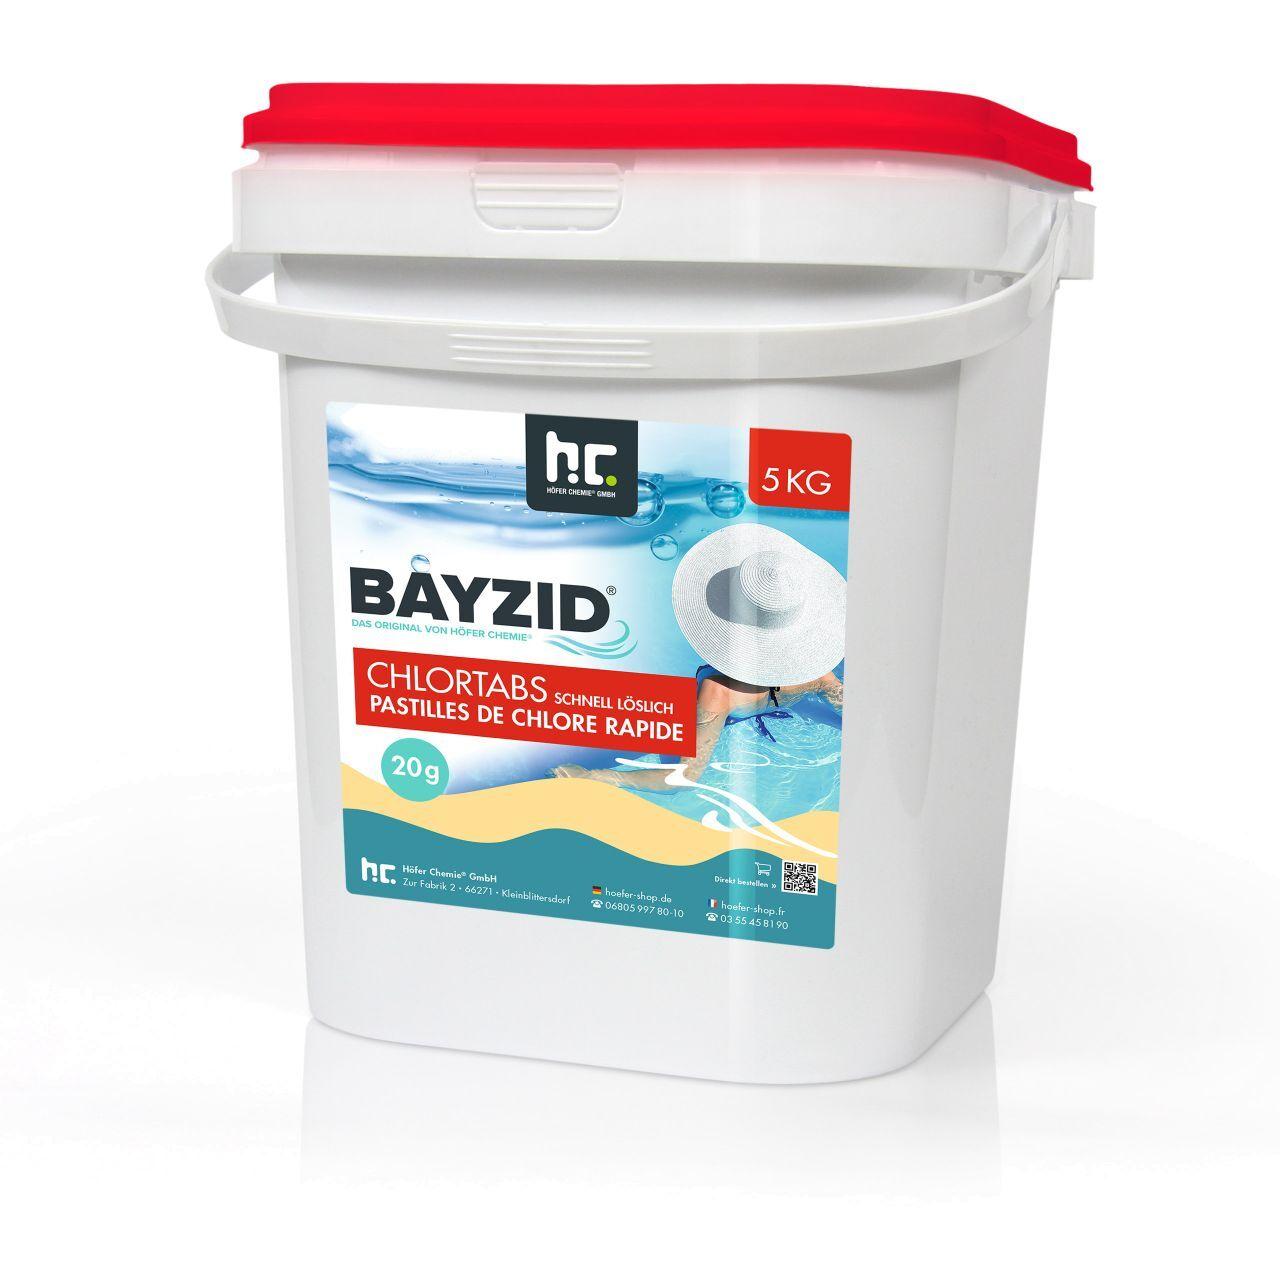 BAYZID 10 kg Bayzid® Pastilles de chlore choc (20g) (2 x 5 kg)